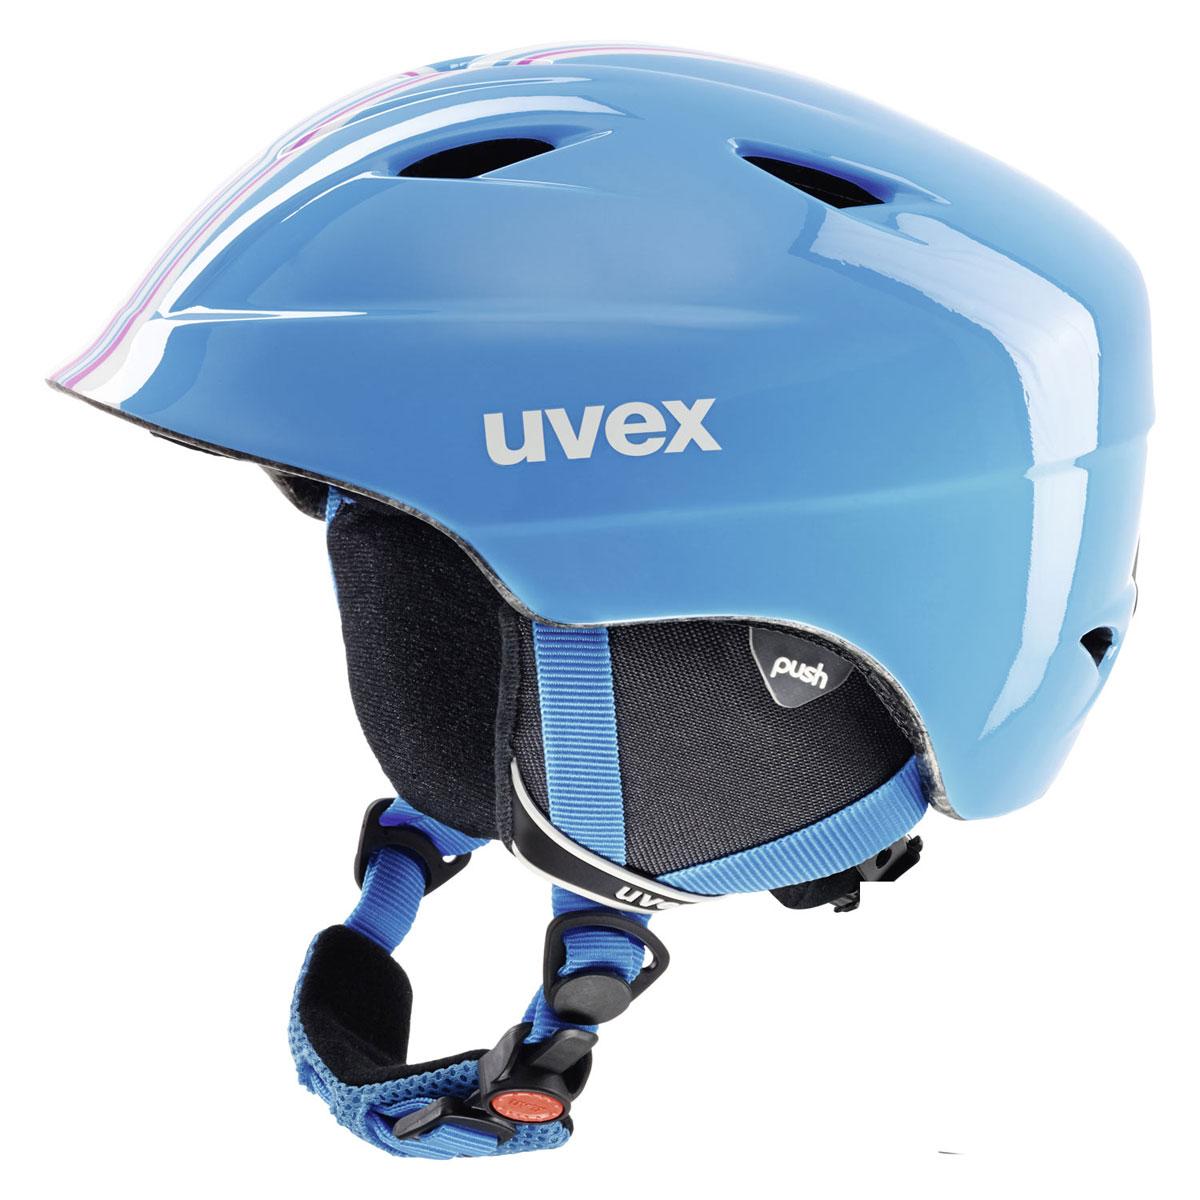 Шлем зимний Uvex Airwing 2, детский, цвет: голубой. Размер S9062_16Шлем детский Uvex Airwing 2. Функциональные особенности модели: гипоаллергенный материал подкладки, система вентиляции, съемная защита ушей, фиксатор стрэпа маски, система индивидуальной подгонки размера IAS, застежка Monomatic. Сделано в Германии.Конструкция In-mouldВентиляция ПринудительнаяСертификация EN 1077 B / ASTM F 2033Регулировка размера ДаТип регулировки размера IASМатериал внешней раковины АБС-пластикМатериал внутренней раковины ПенополистиролМатериал подкладки Полиэстер